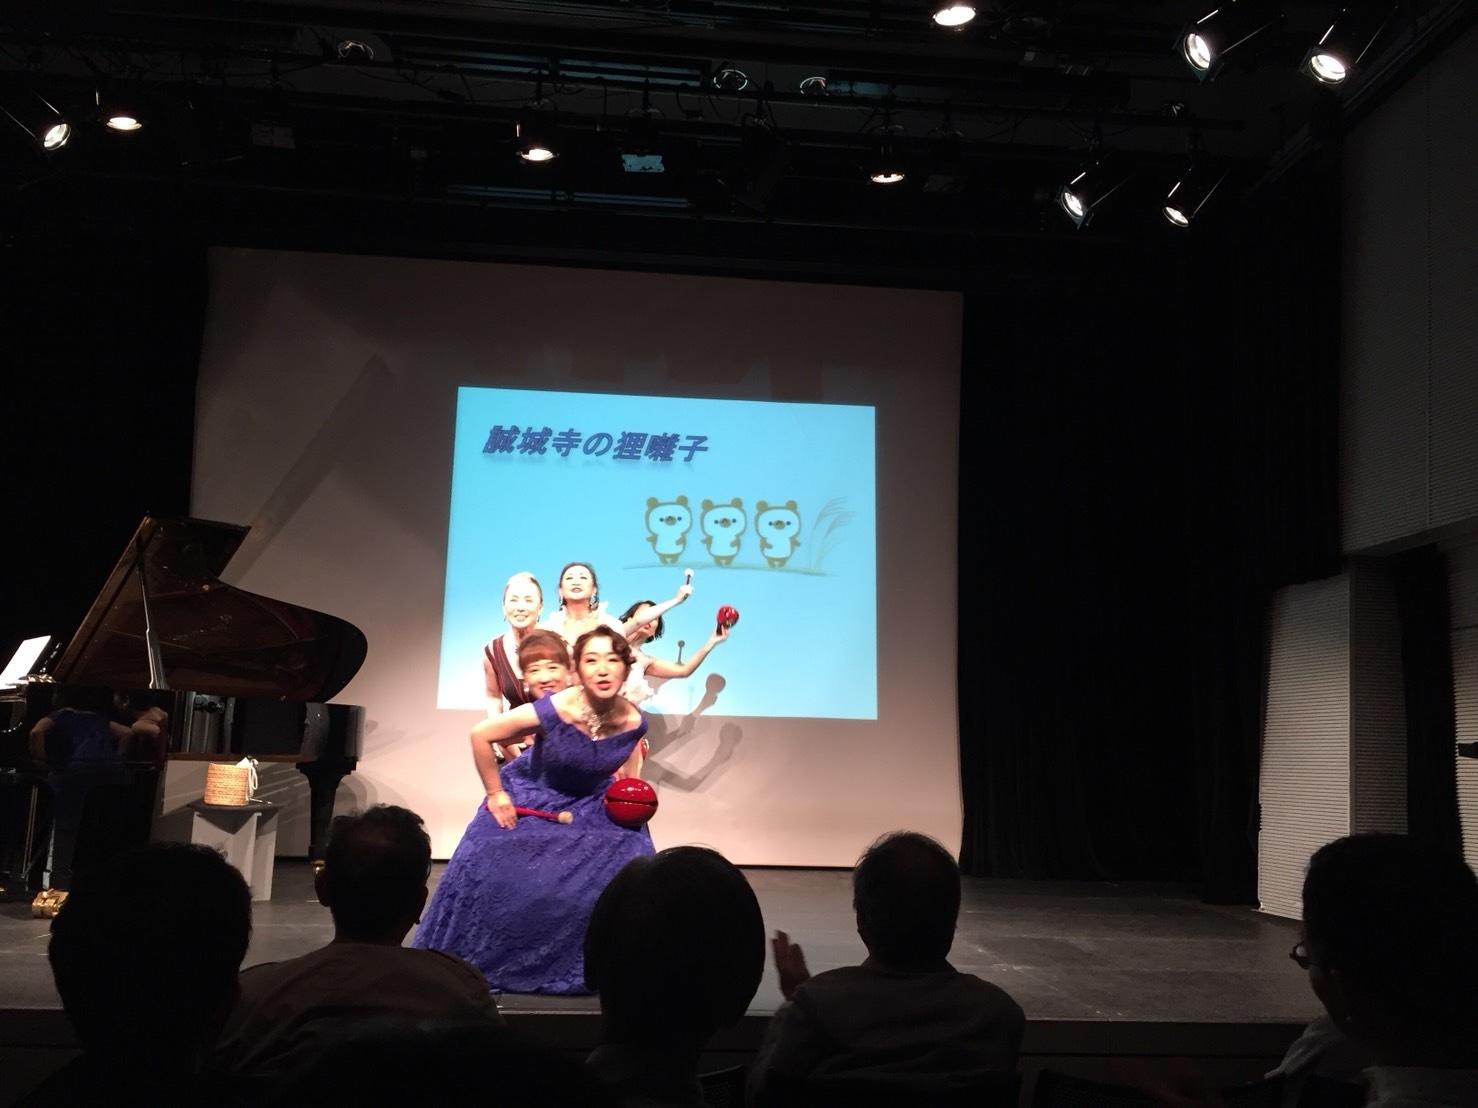 万年筆女子会コンサート@せんがわ劇場 終了!_b0069484_12283648.jpg